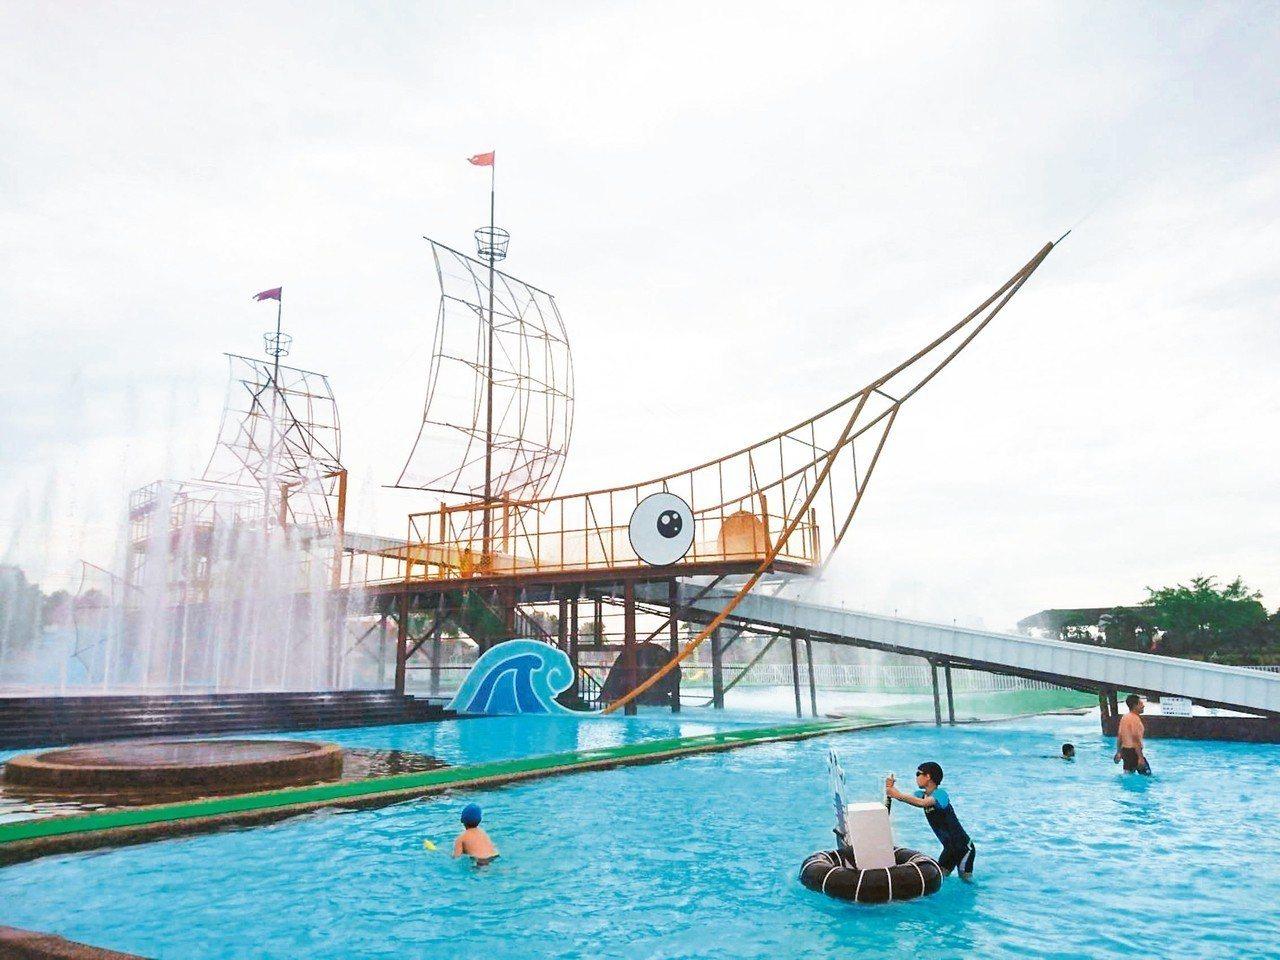 宜蘭童玩節昨天開放試玩,新設飛魚海盜船滑道。 記者羅建旺/攝影